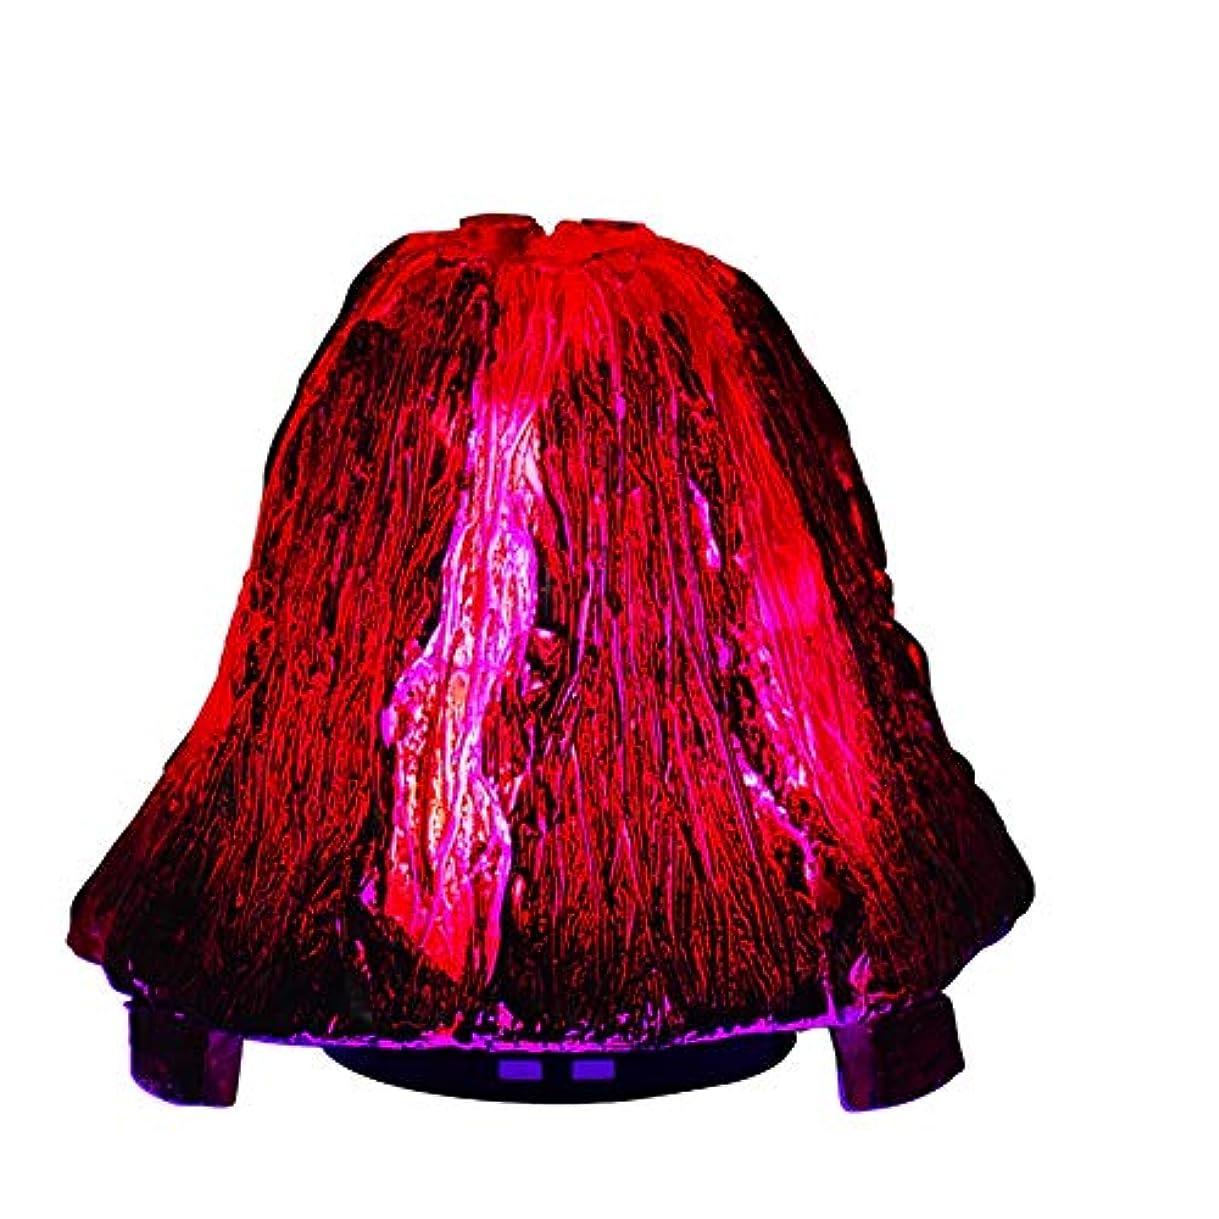 と闘うエキゾチック前オリジナリティ火山のエッセンシャルオイルディフューザー、120mlアロマセラピー超音波クールミスト加湿器、7色LEDライト付きウォーターレスオートオフ